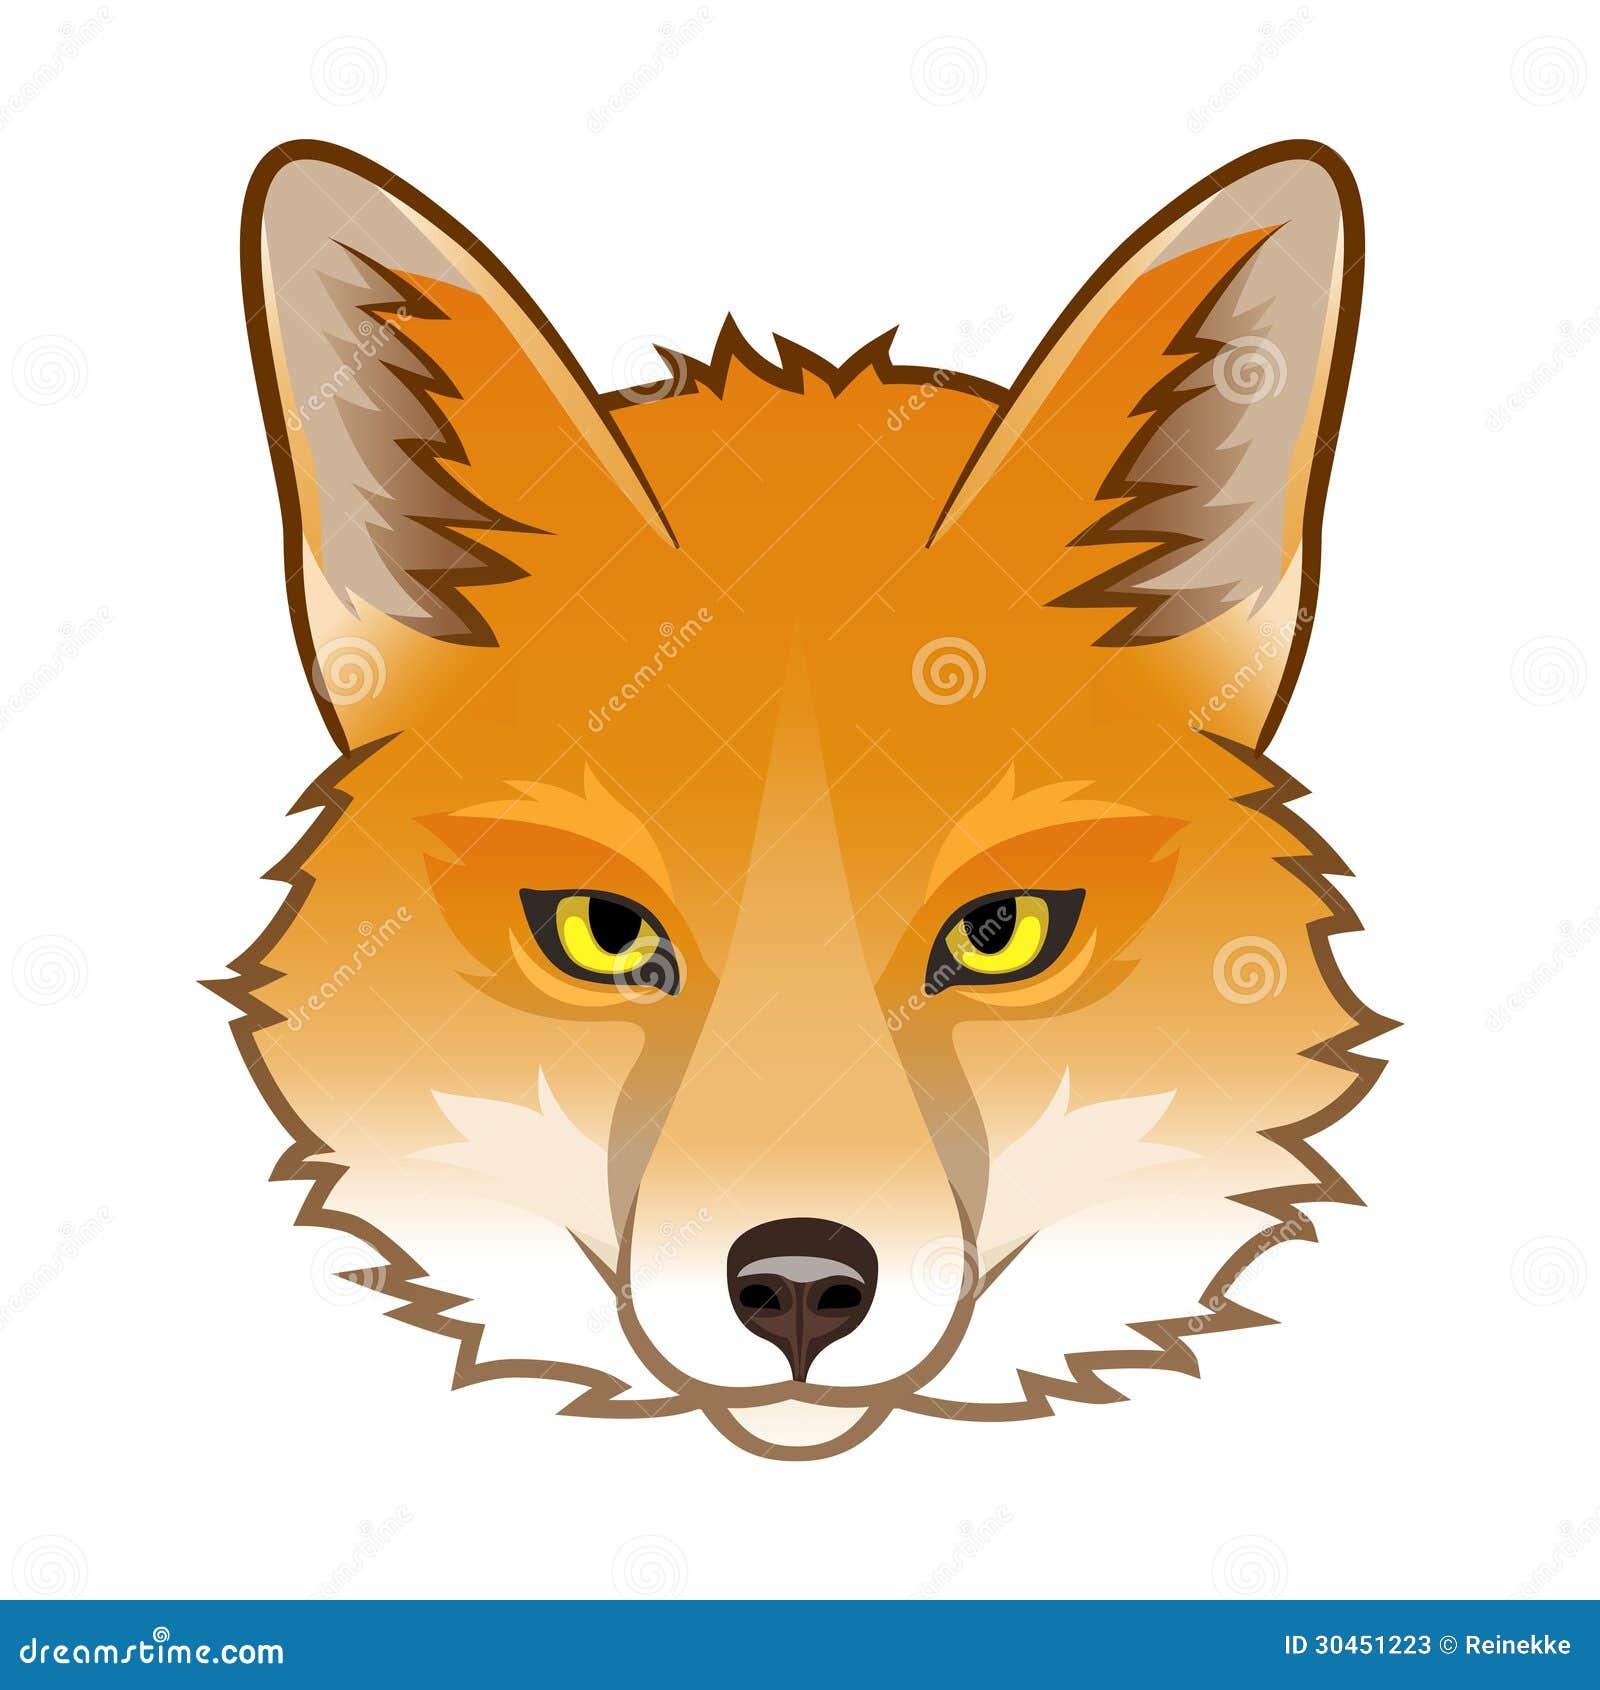 Simple fox head outline - photo#24